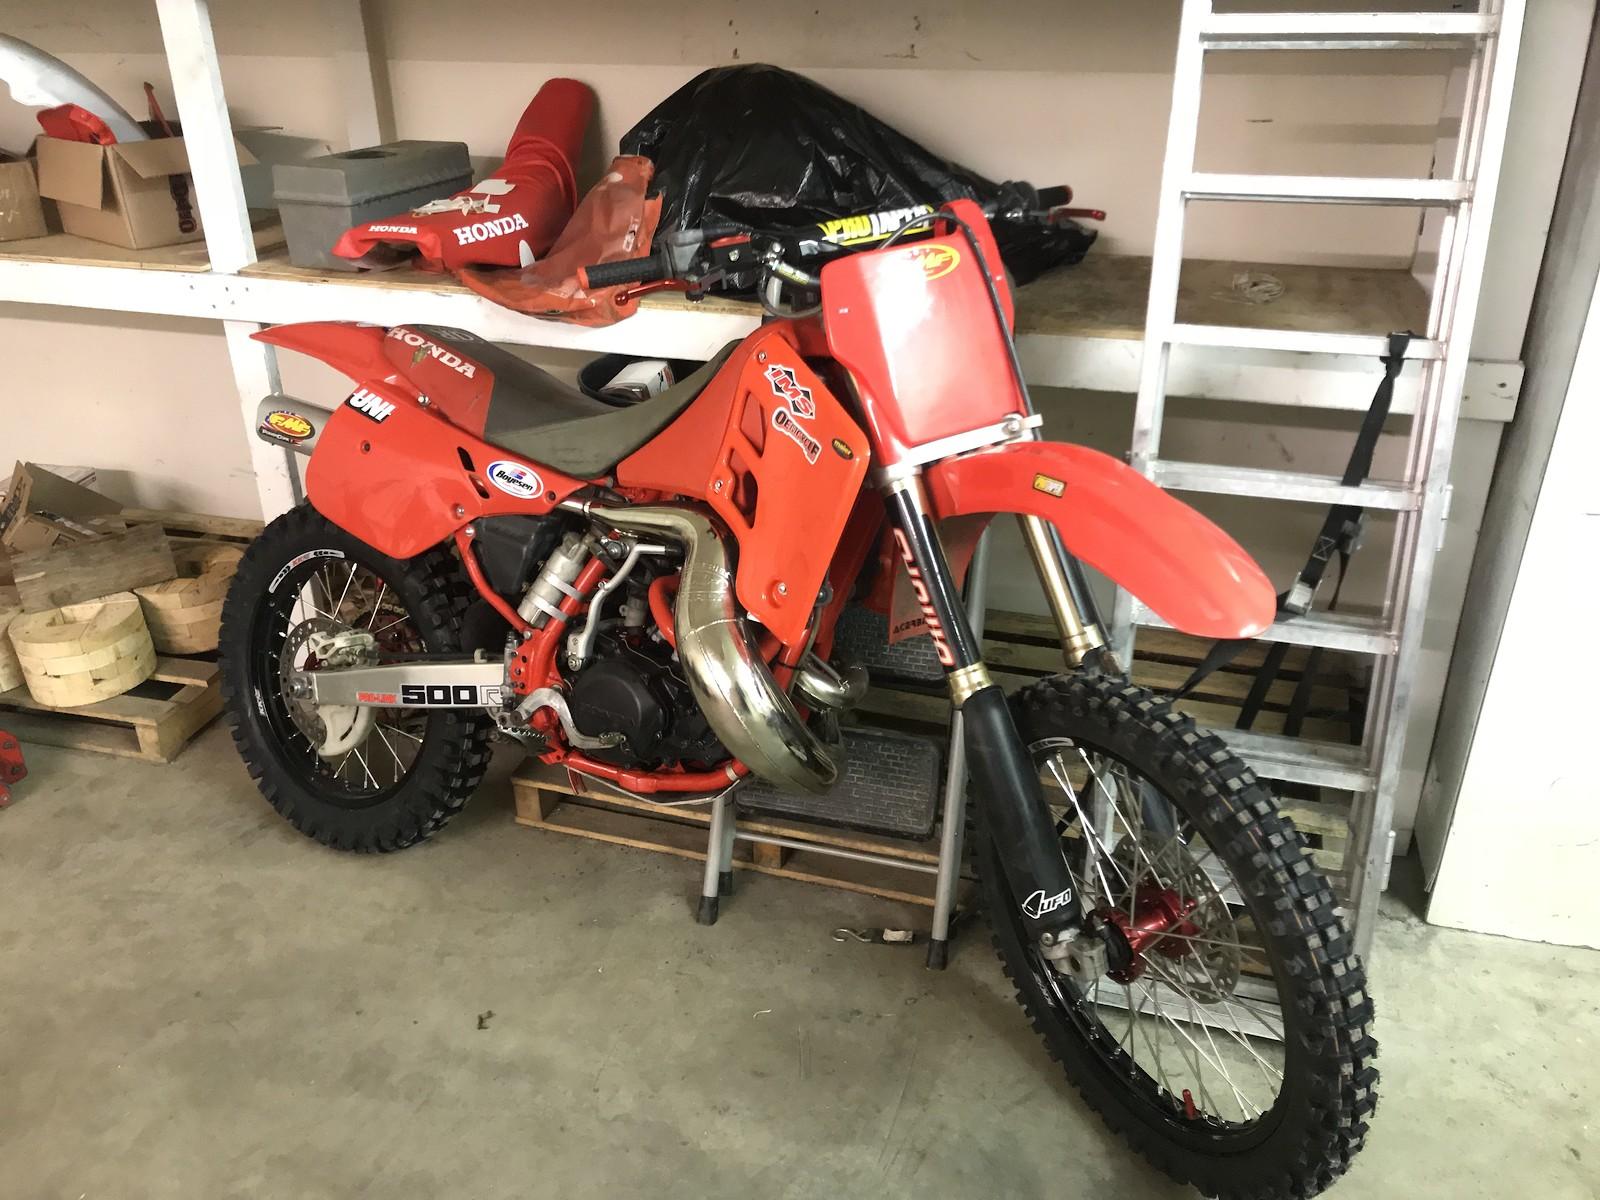 31C554FF-007E-4D6E-8D36-FEADD65E9805 - NateWeltzin - Motocross Pictures - Vital MX